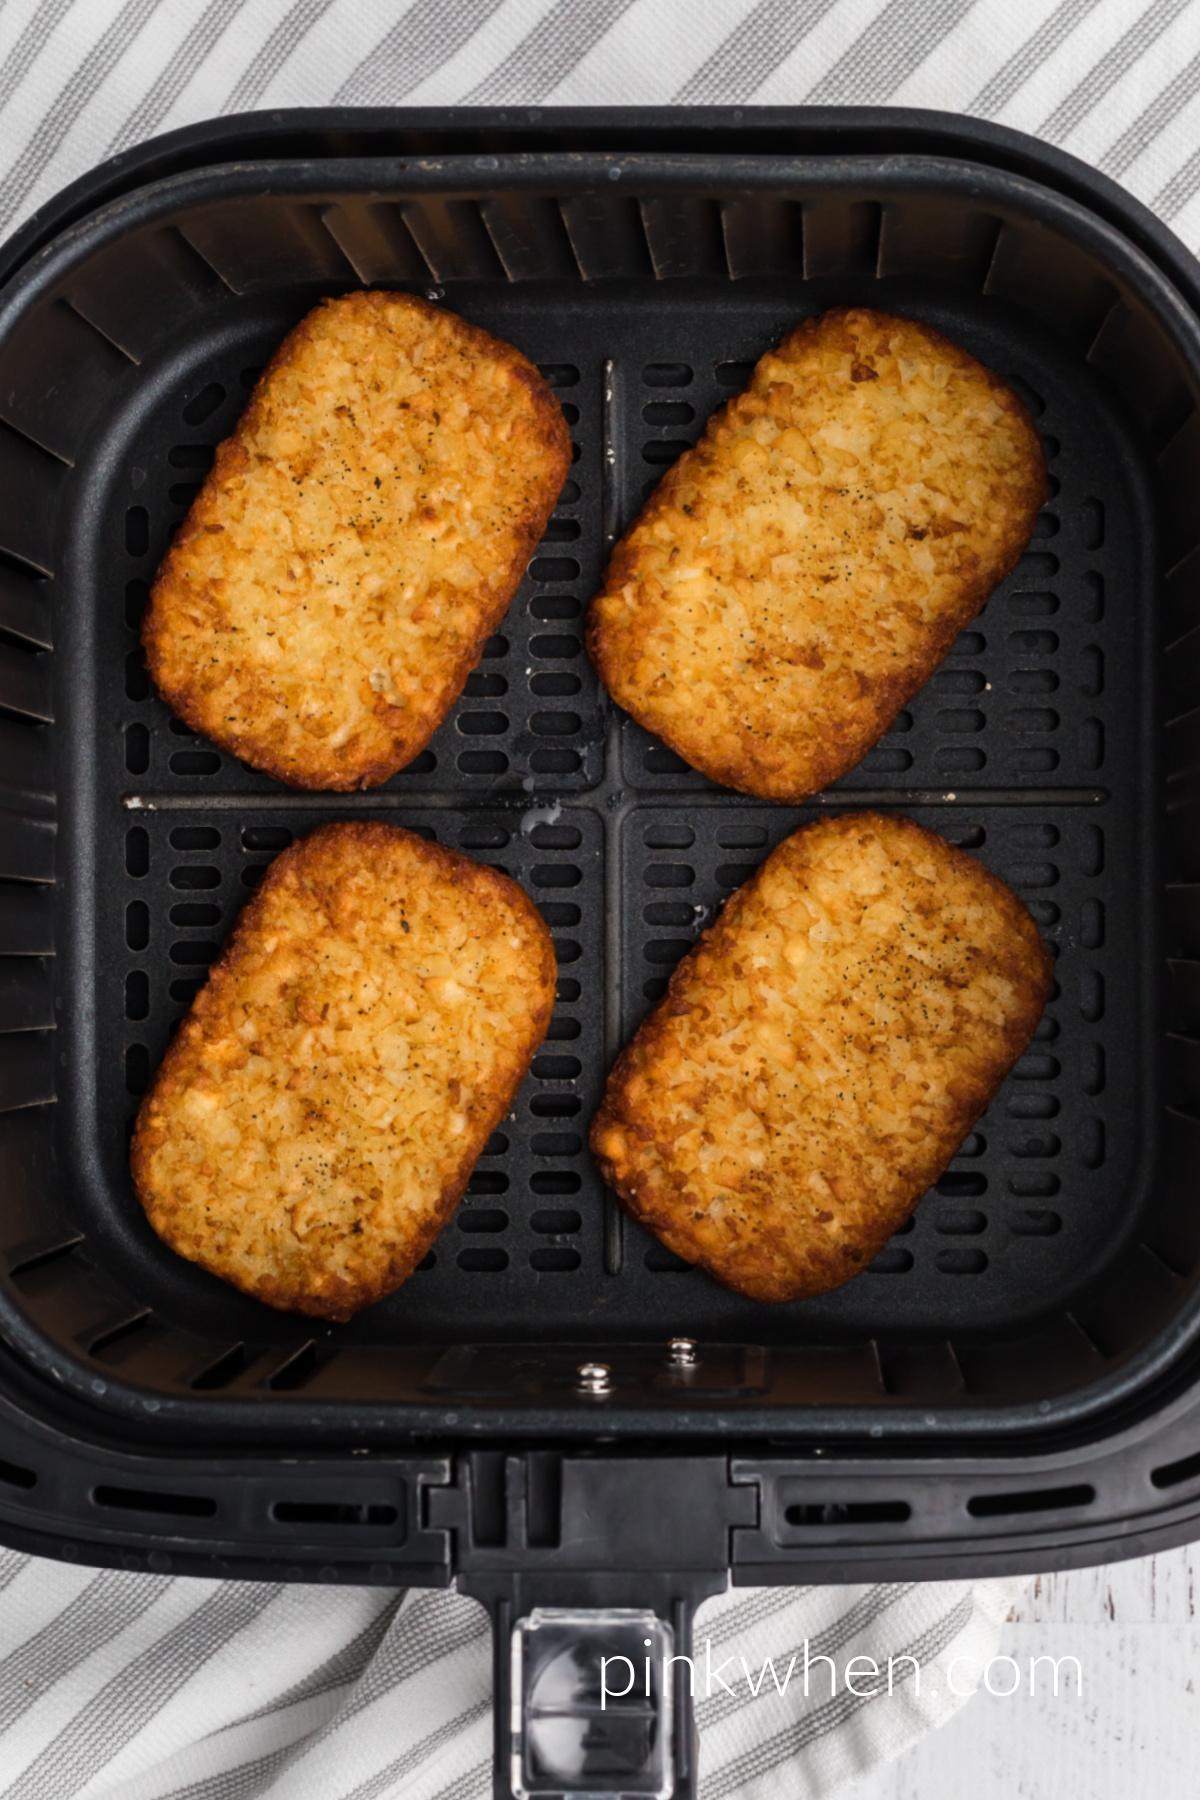 Crispy brown hash brown patties in the air fryer basket.